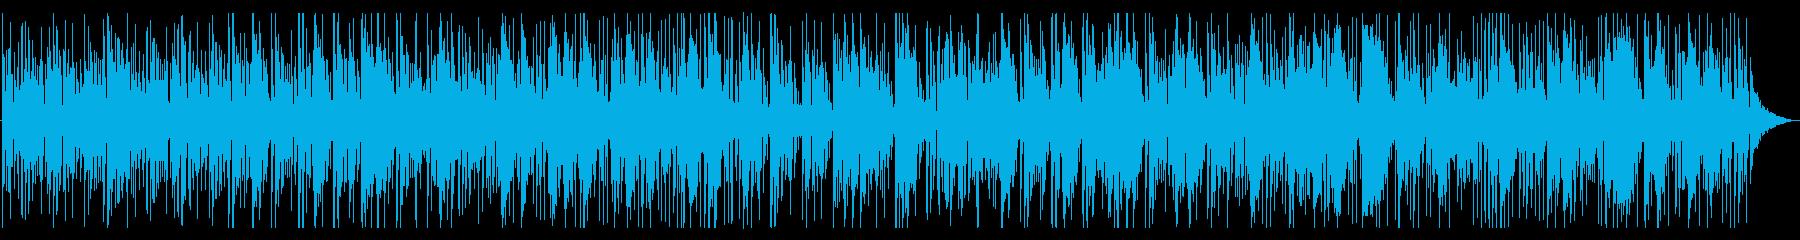 アウトロー雰囲気のヒップホップNo536の再生済みの波形